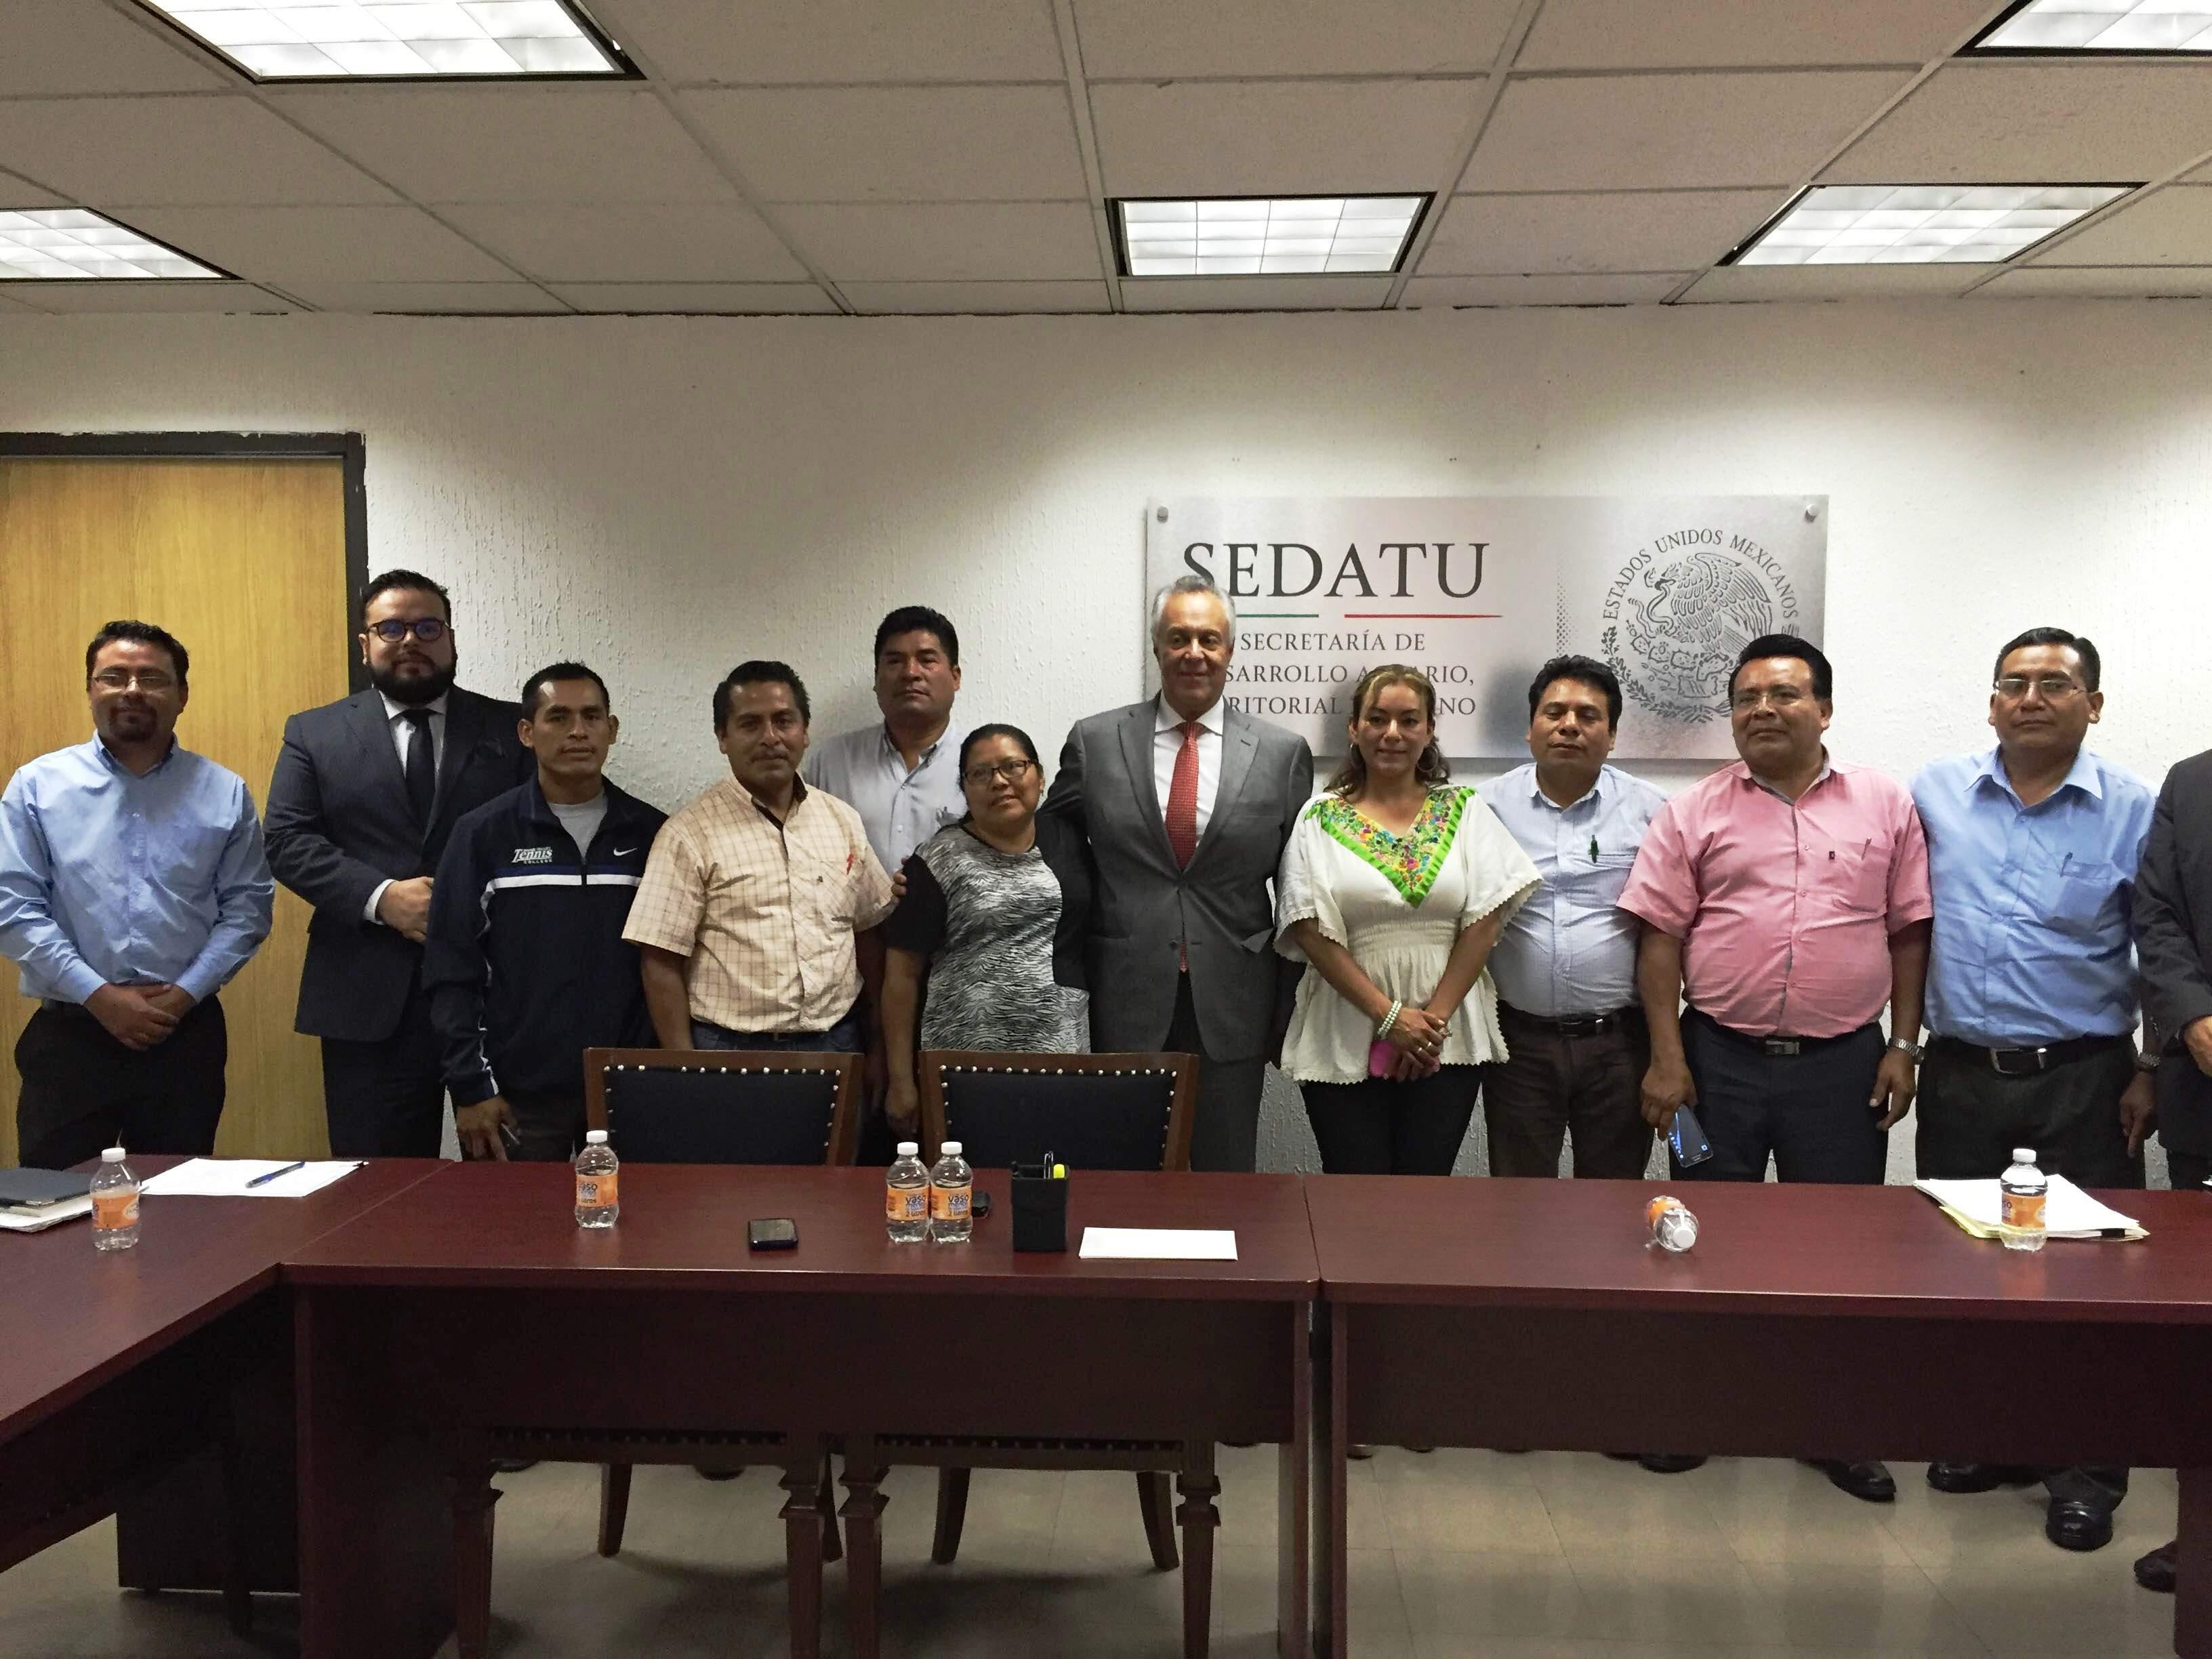 A nombre de la titular de la SEDATU, Rosario Robles Berlanga, el subsecretario de Desarrollo Agrario, Gustavo Cárdenas Monroy, se reunió con alcaldes de la microrregión mixteca del estado de Oaxaca.